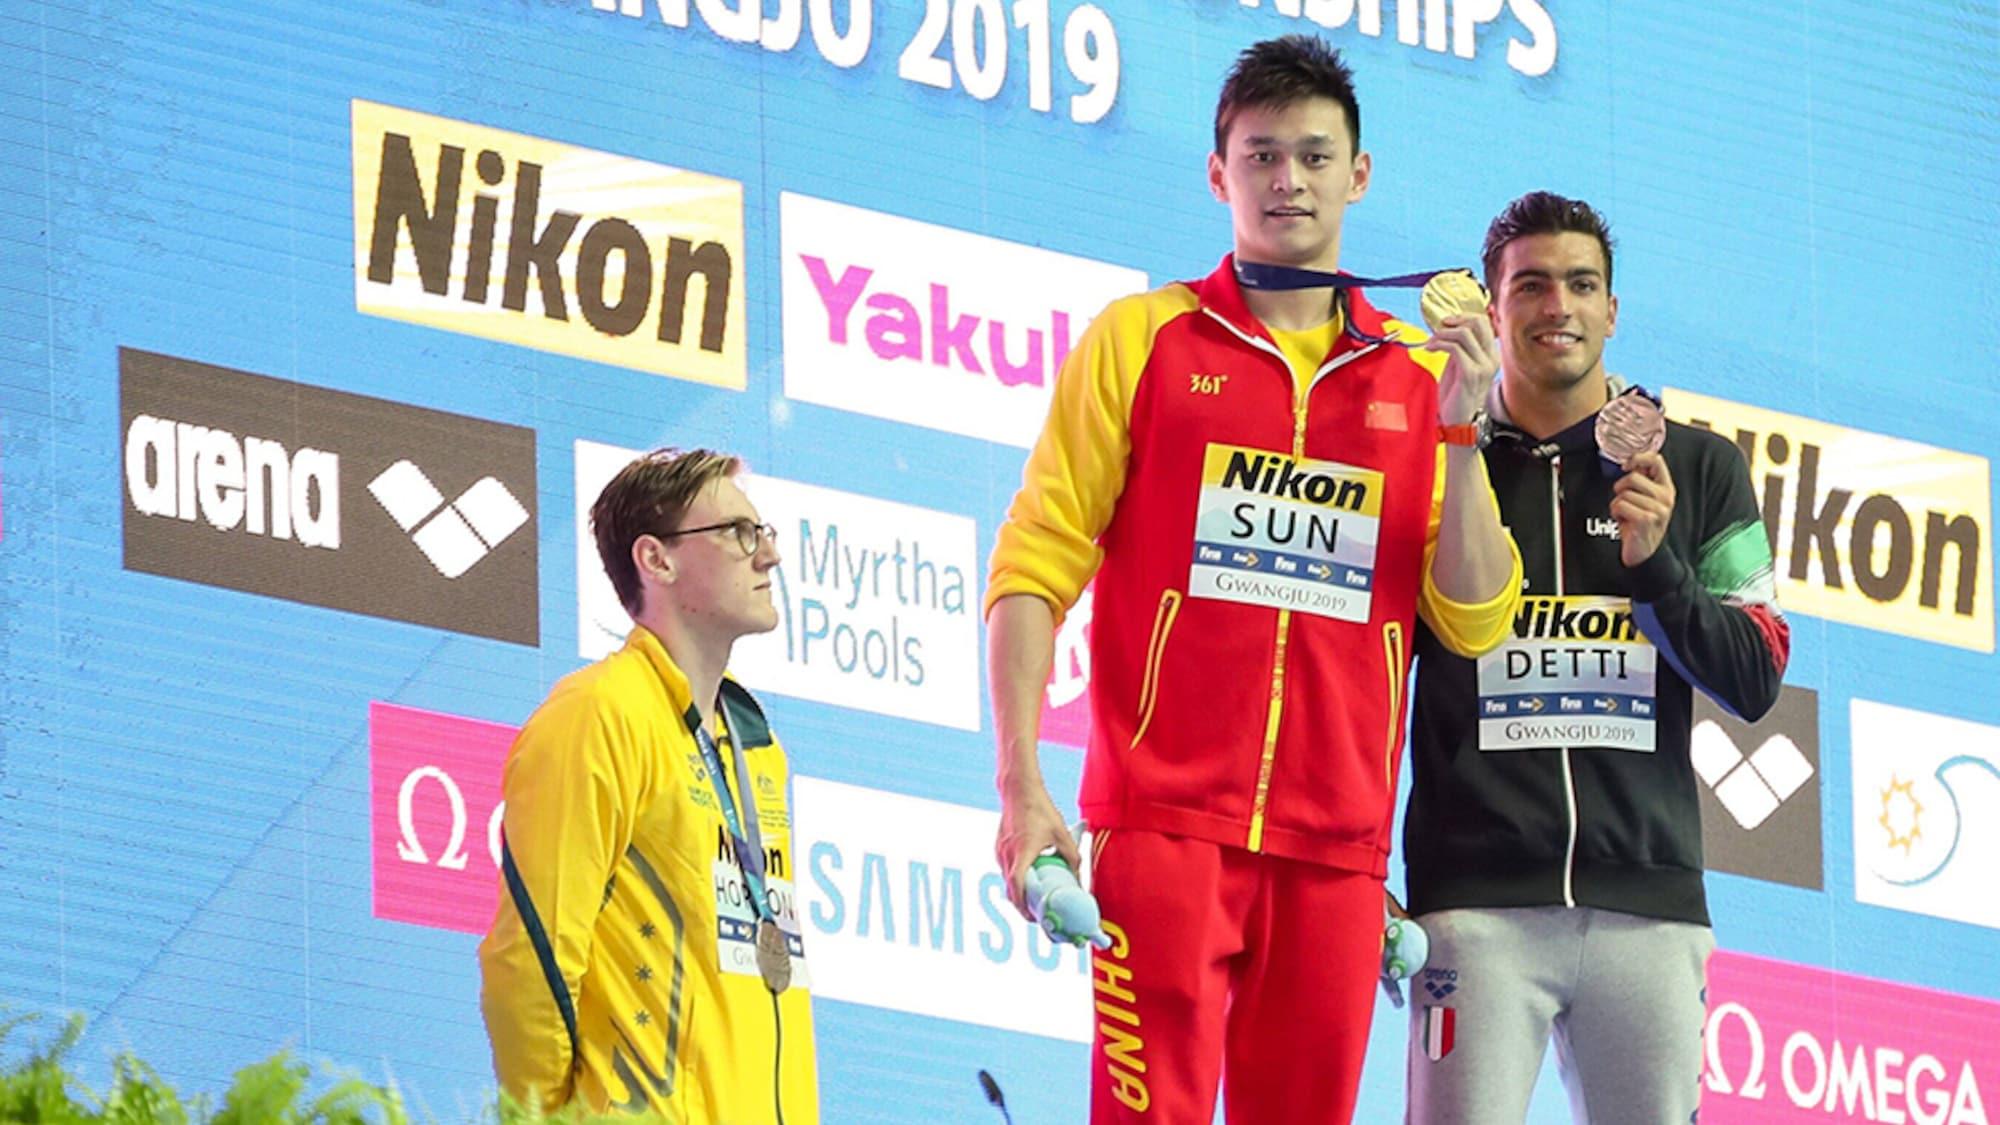 Wirbel um Doping-Chinese: Schwimm-WM startet mit einem Eklat an der Siegerehrung